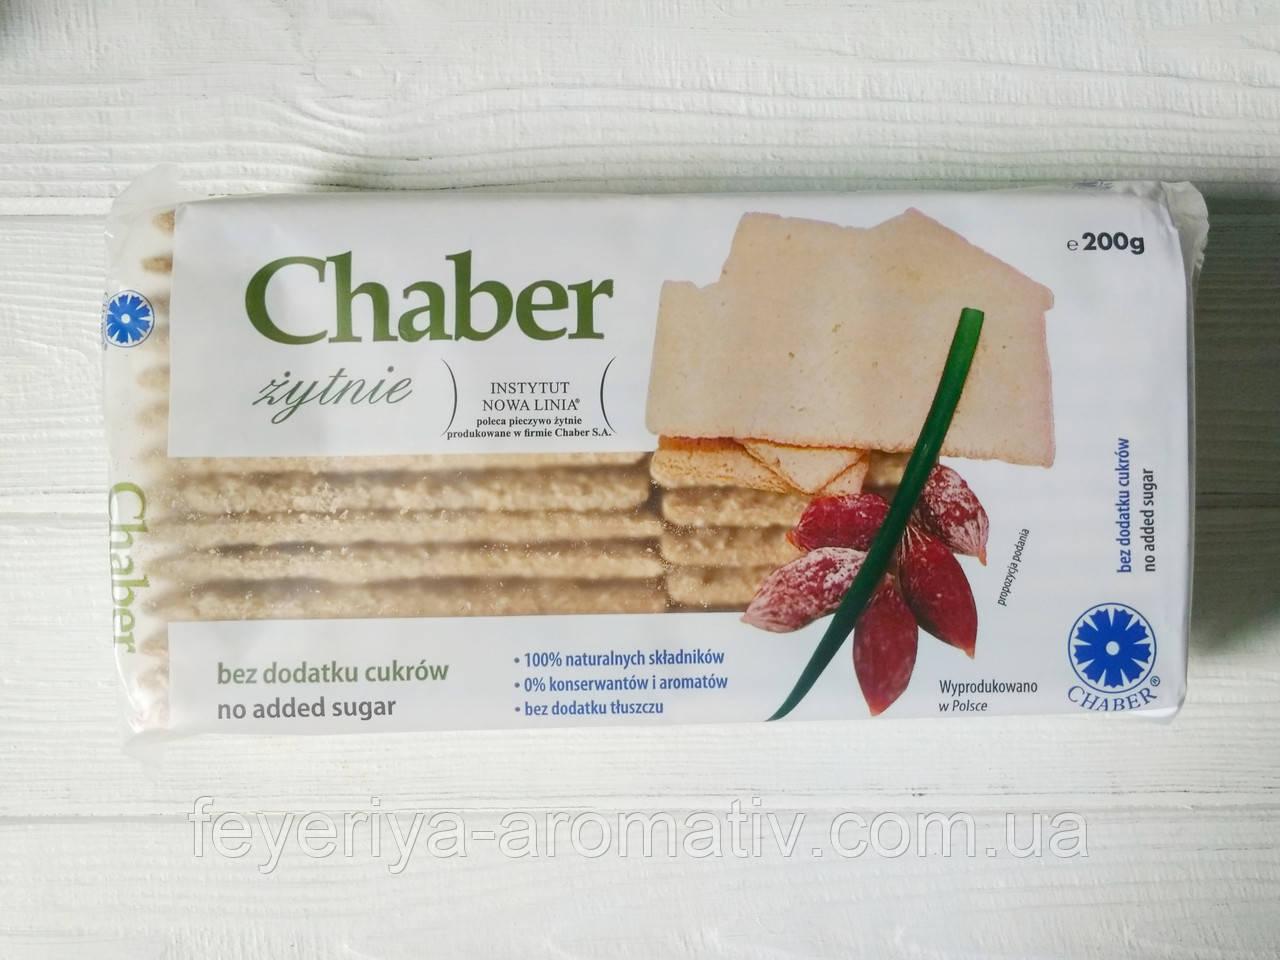 Хлебцы ржаные Chaber zytnie 200гр (Польша)